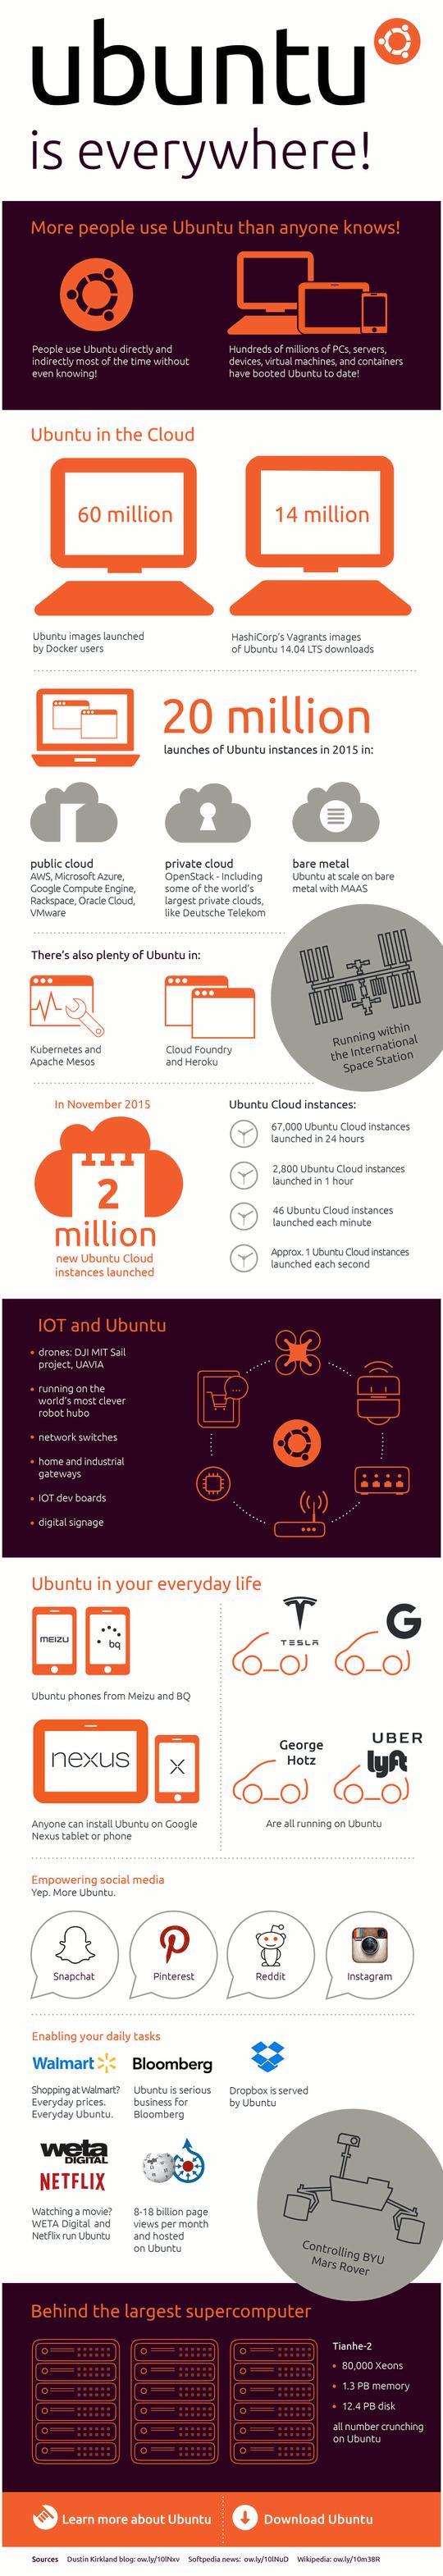 Infografía 'Ubuntu está en todas partes'